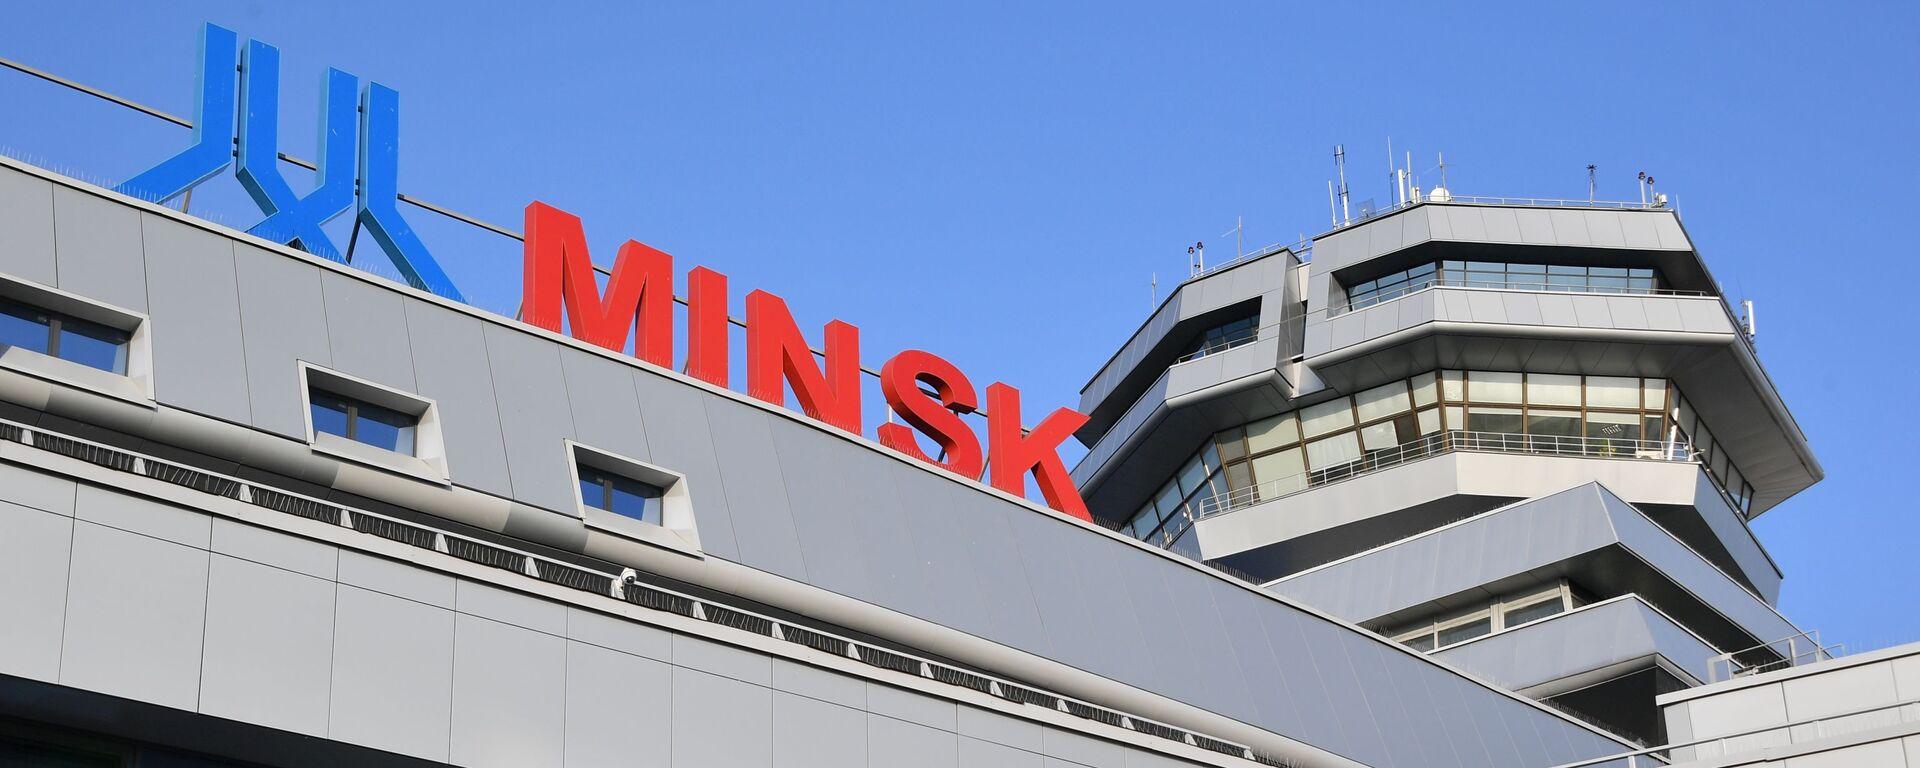 """Wieża kontrolna na lotnisku narodowym """"Mińsk. - Sputnik Polska, 1920, 15.09.2021"""